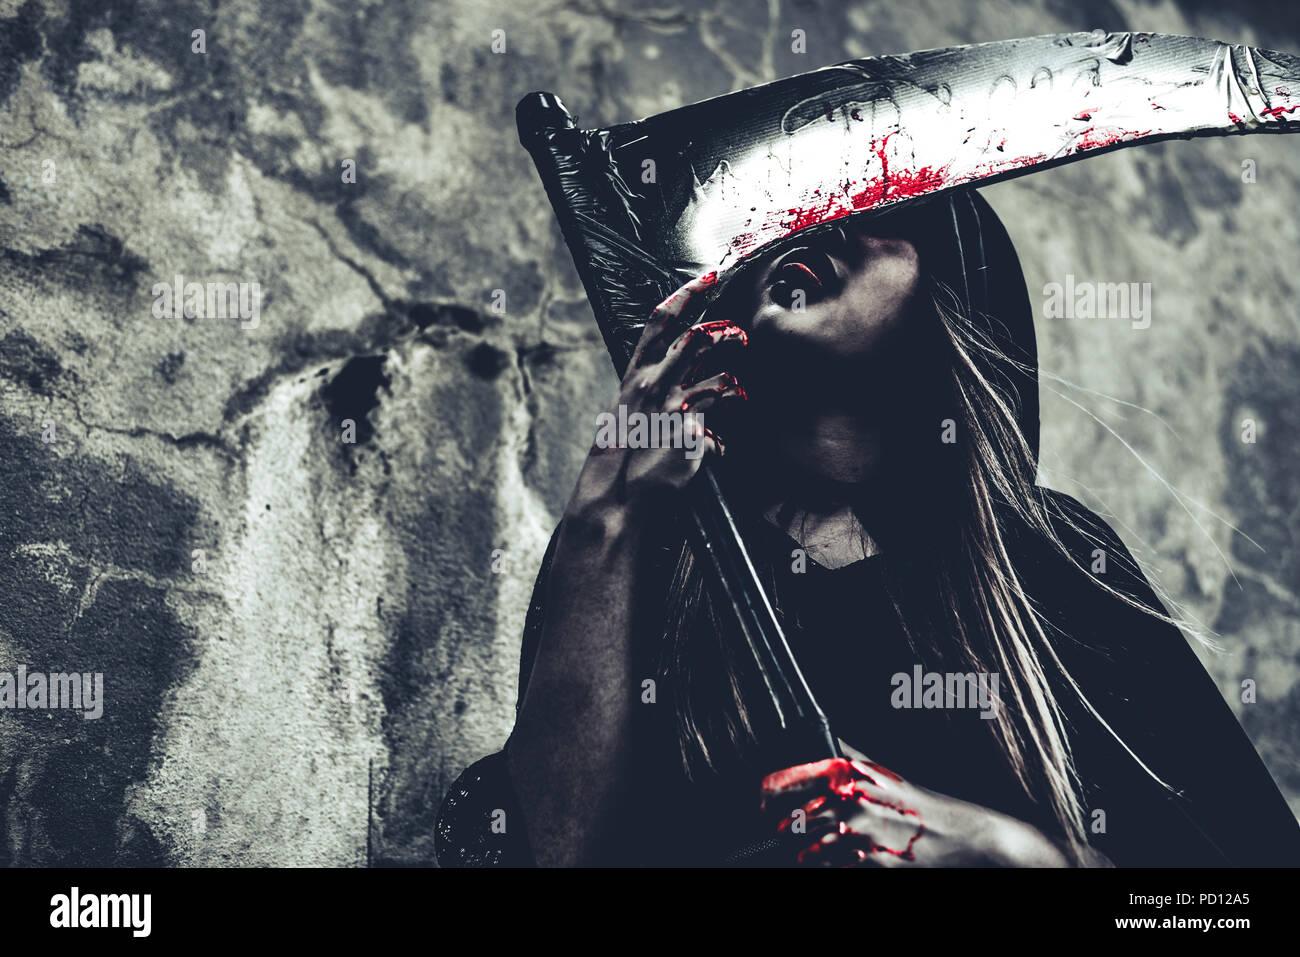 Hexe lecken Blut auf Reaper. Weiblicher Dämon Engel in schwarzer Kleidung und Haube auf grunge Wand Hintergrund. Halloween Tag und Geheimnis, das Konzept. Fantasie von m Stockbild